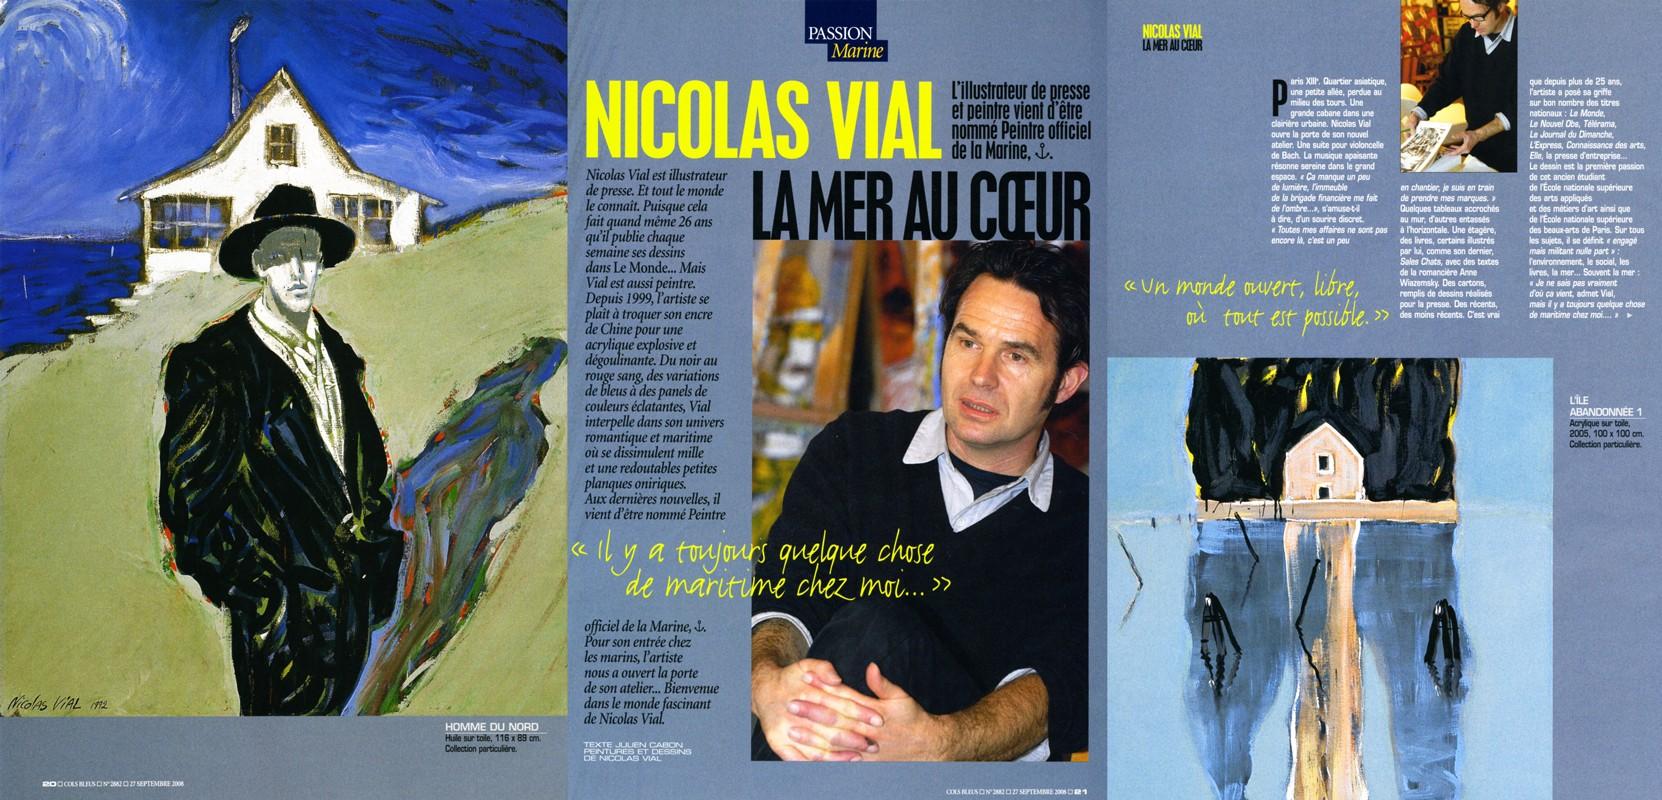 https://www.nicolasvial-peintures.com:443/files/gimgs/th-7_7_p25b20080927.jpg